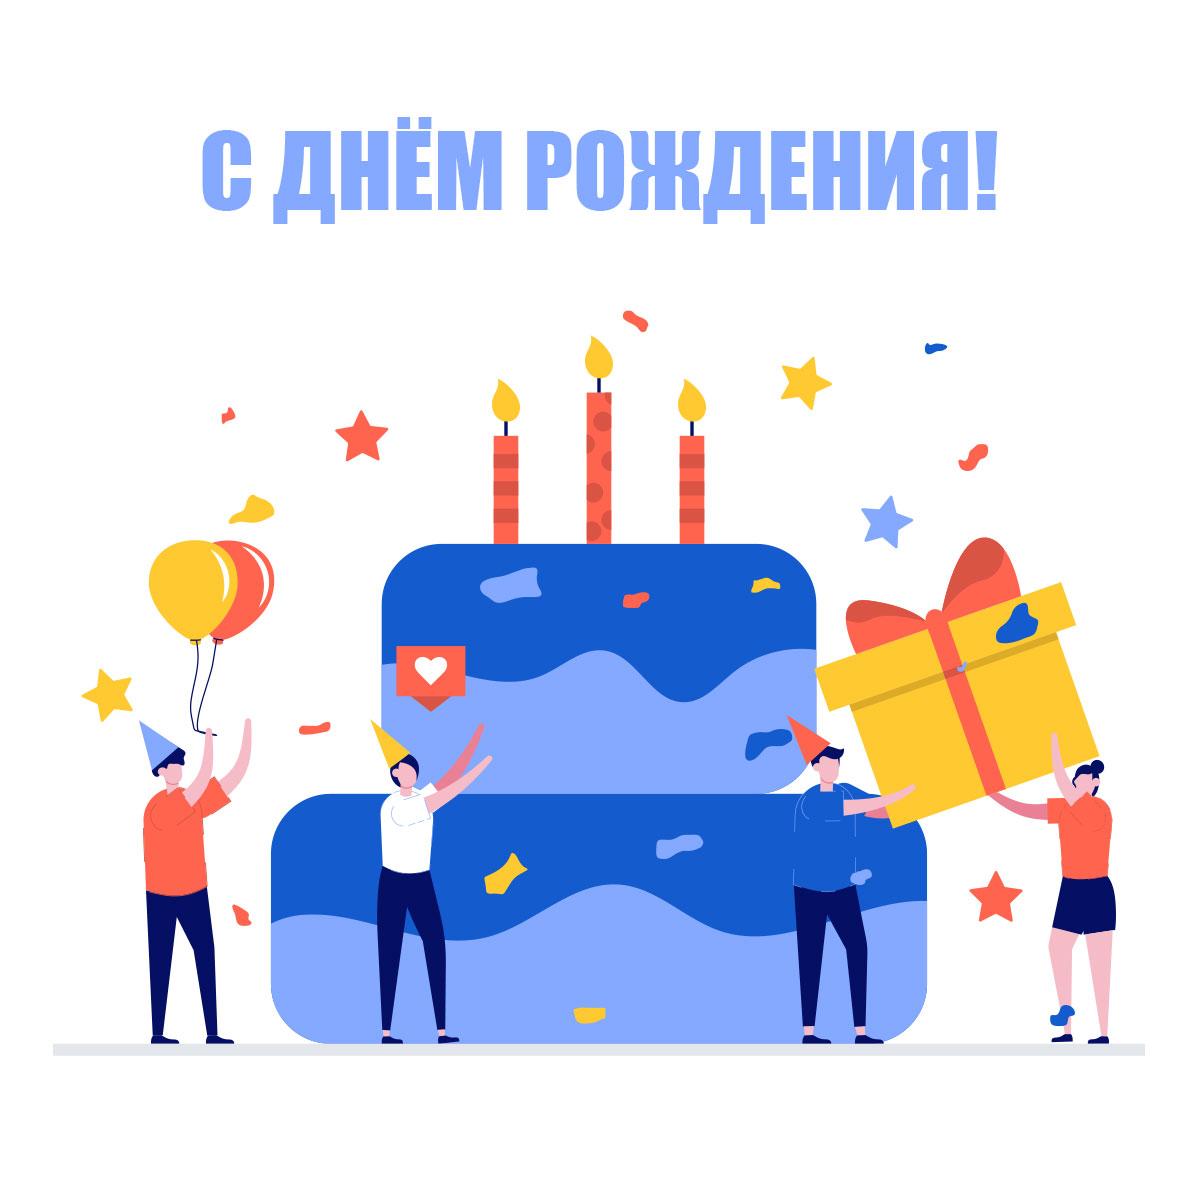 Картинка с днем рождения открытка от коллектива с тортом и и сотрудниками передающими подарок по цепочке